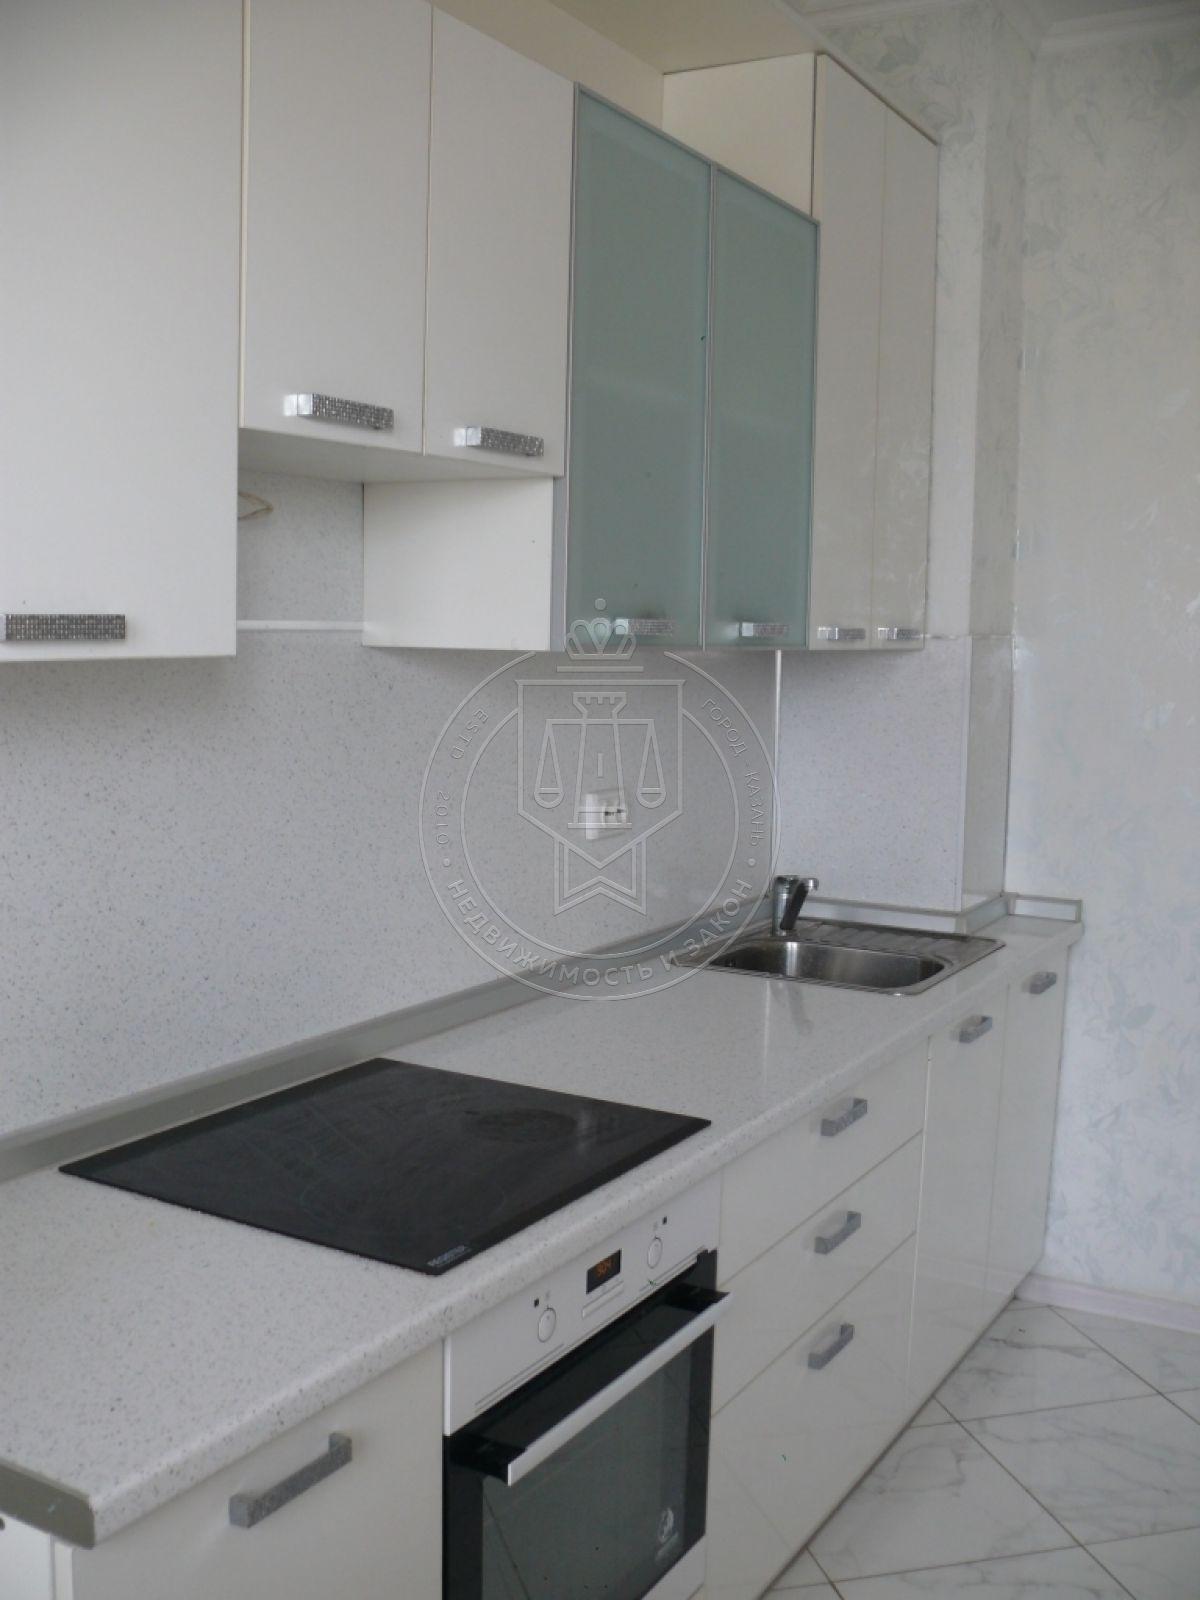 2-к квартира, 61 м², 16/16 эт., Адоратского ул, 4а (миниатюра №1)